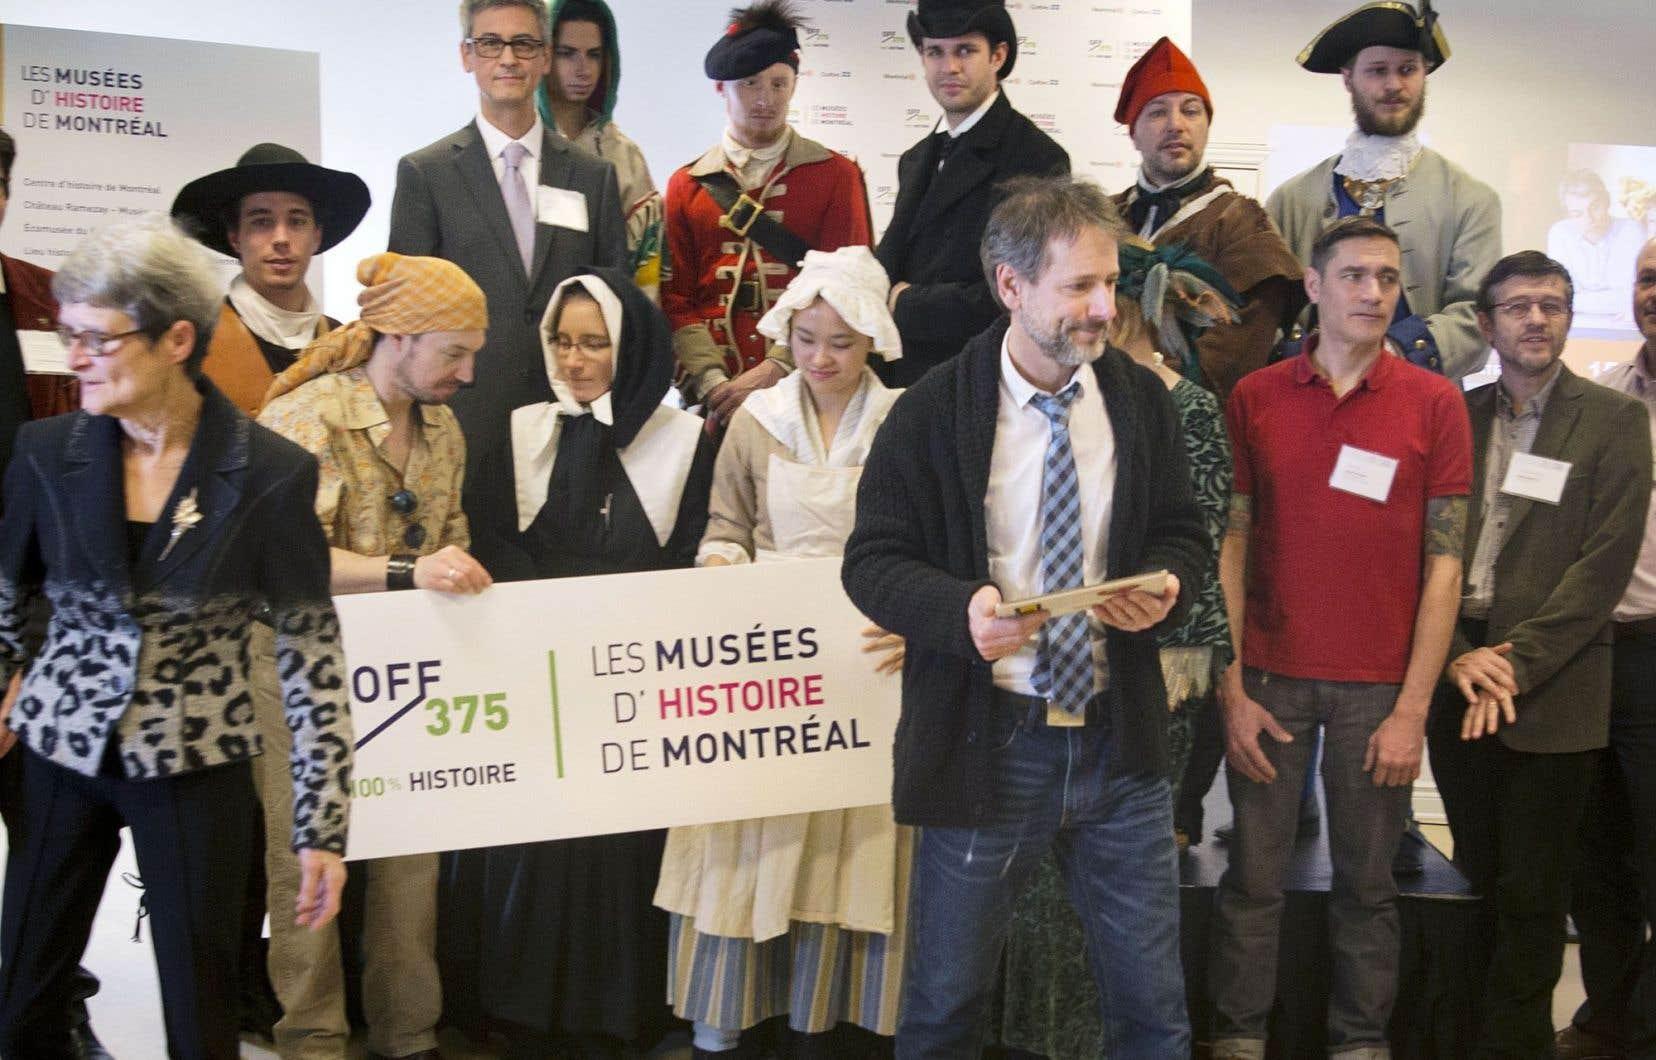 Le regroupement des Musées d'histoire a dévoilé mardi la signature de la campagne OFF 375: 100% histoire et sa programmation d'activités en présence du porte-parole Marc-André Coallier.